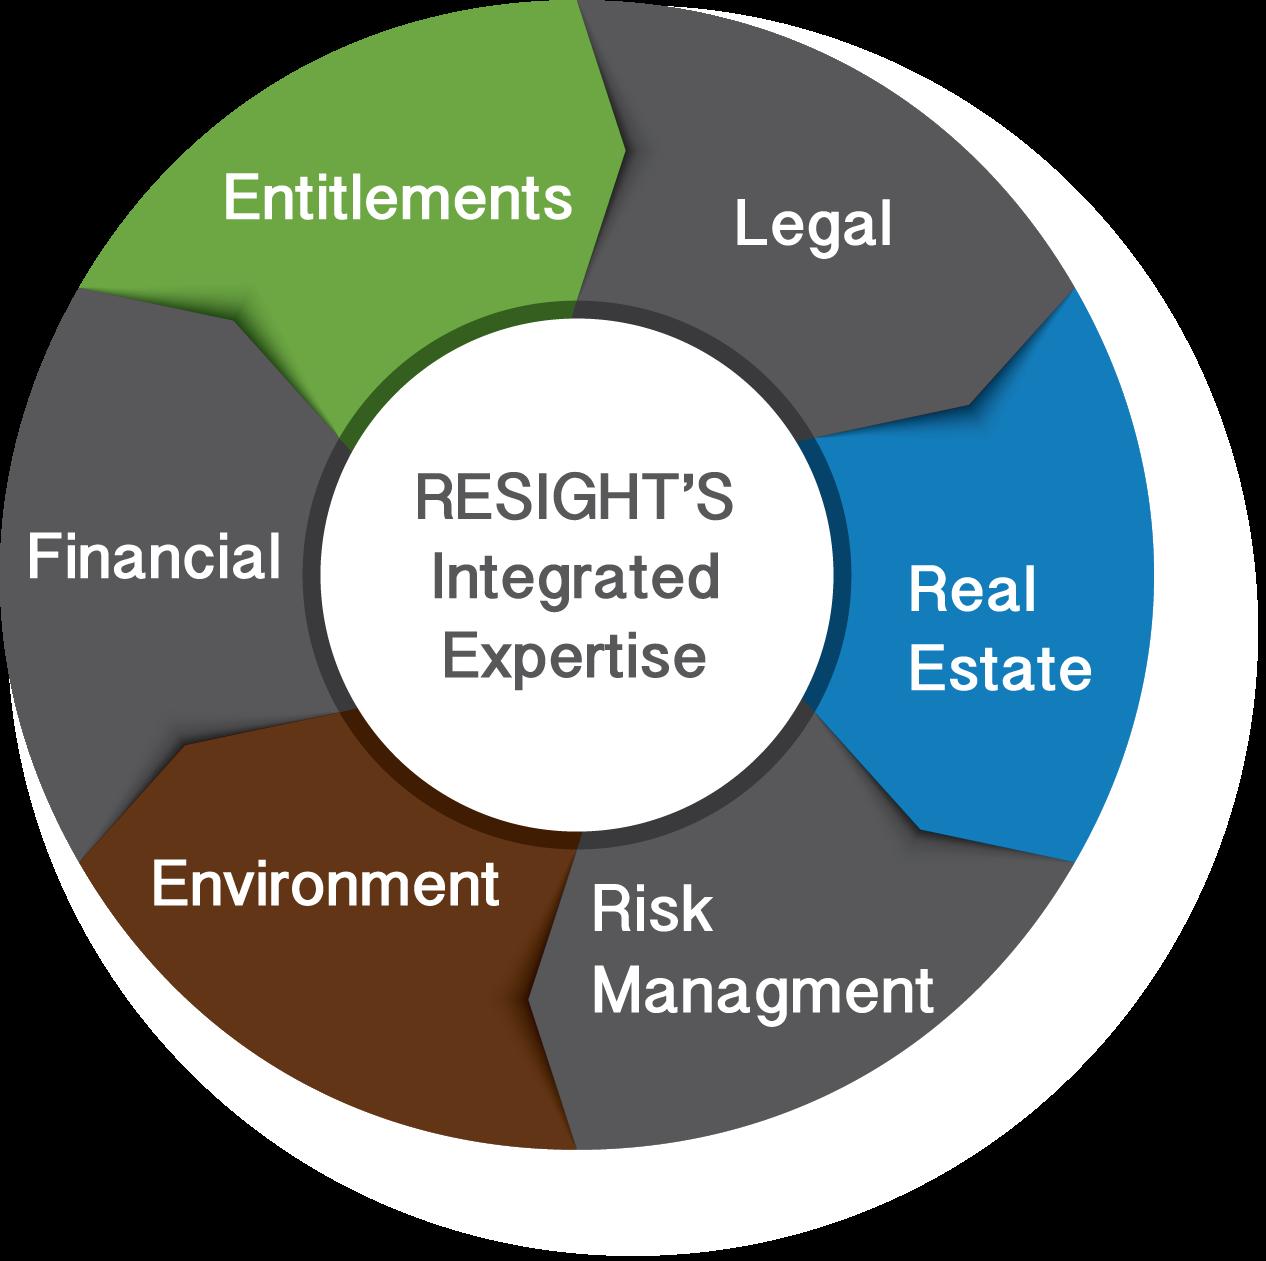 resight-expertise-model